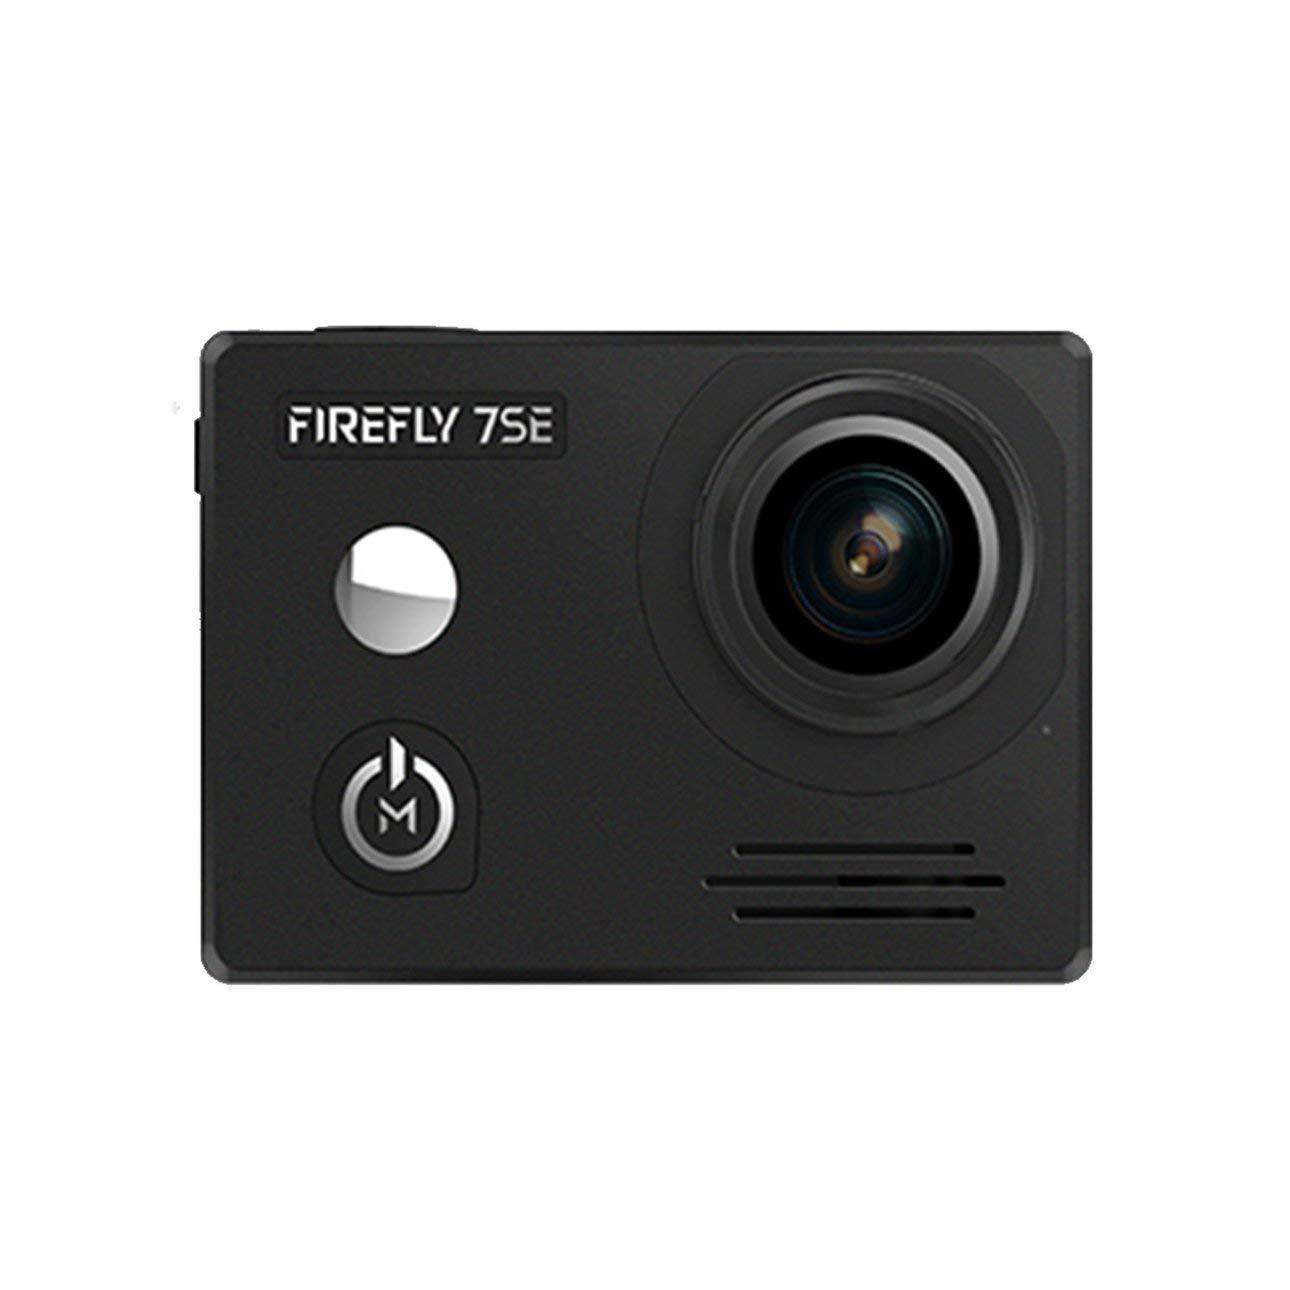 Ballylelly RC Drohne Zubehör Firefly7SE 1080P 170 ° FOV WiFi Blautooth FPV Wasserdichte HD Sport Action Kamera CAM für RC Drohne Luftaufnahmen